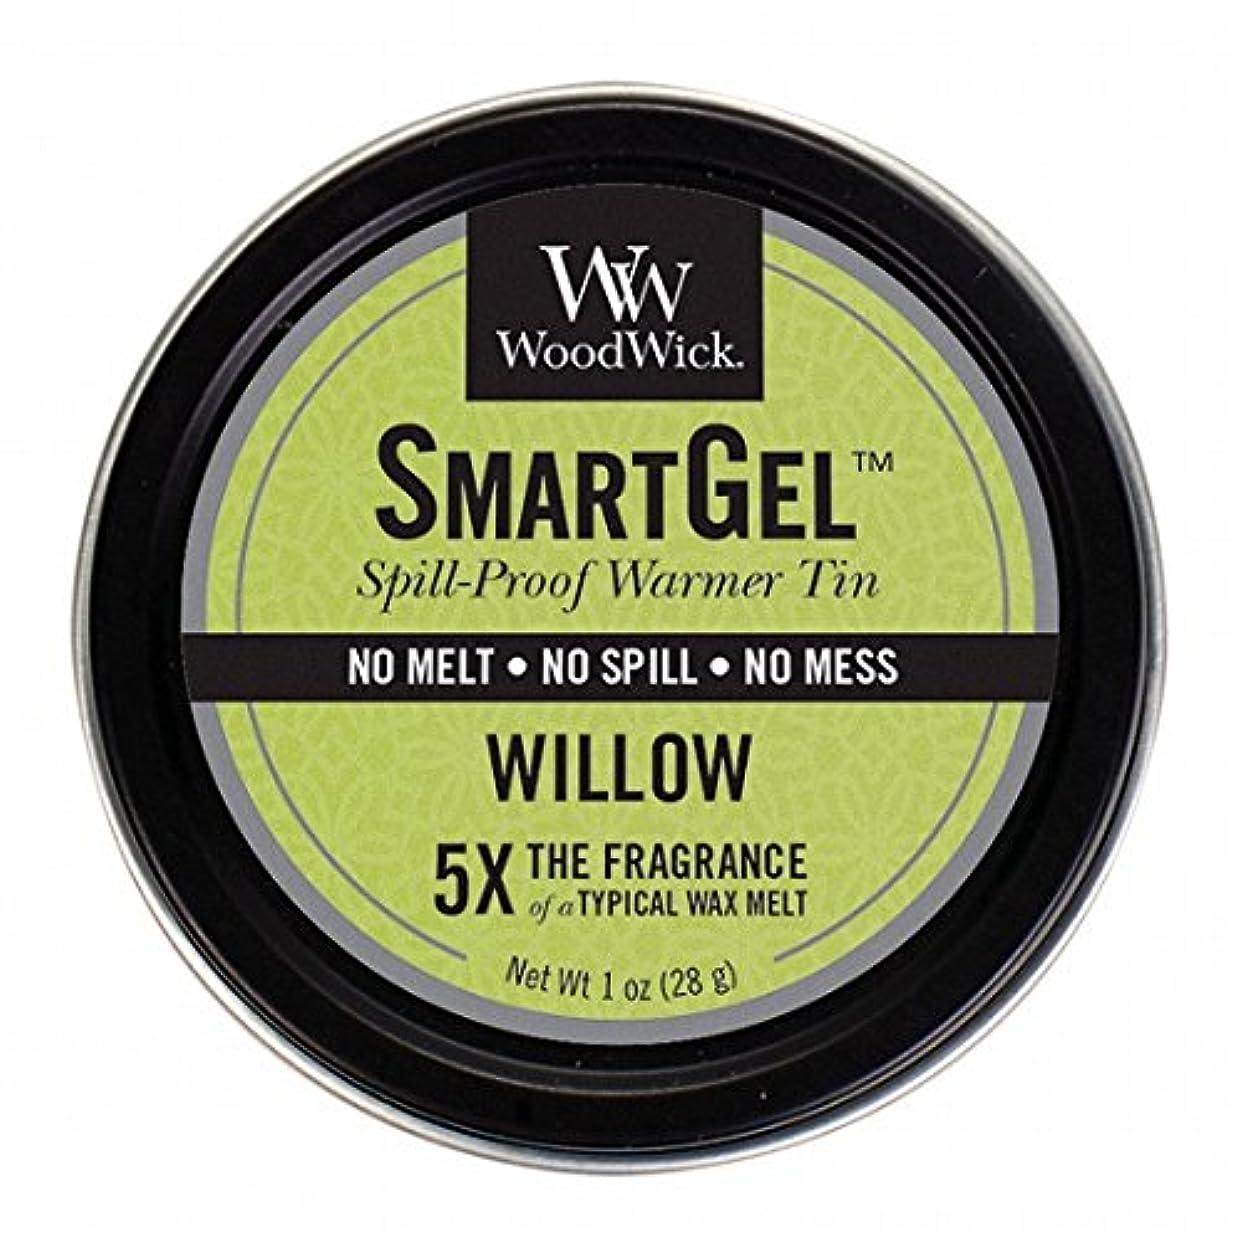 謎予知たくさんのウッドウィック( WoodWick ) Wood Wickスマートジェル 「 ウィロー 」W9630525